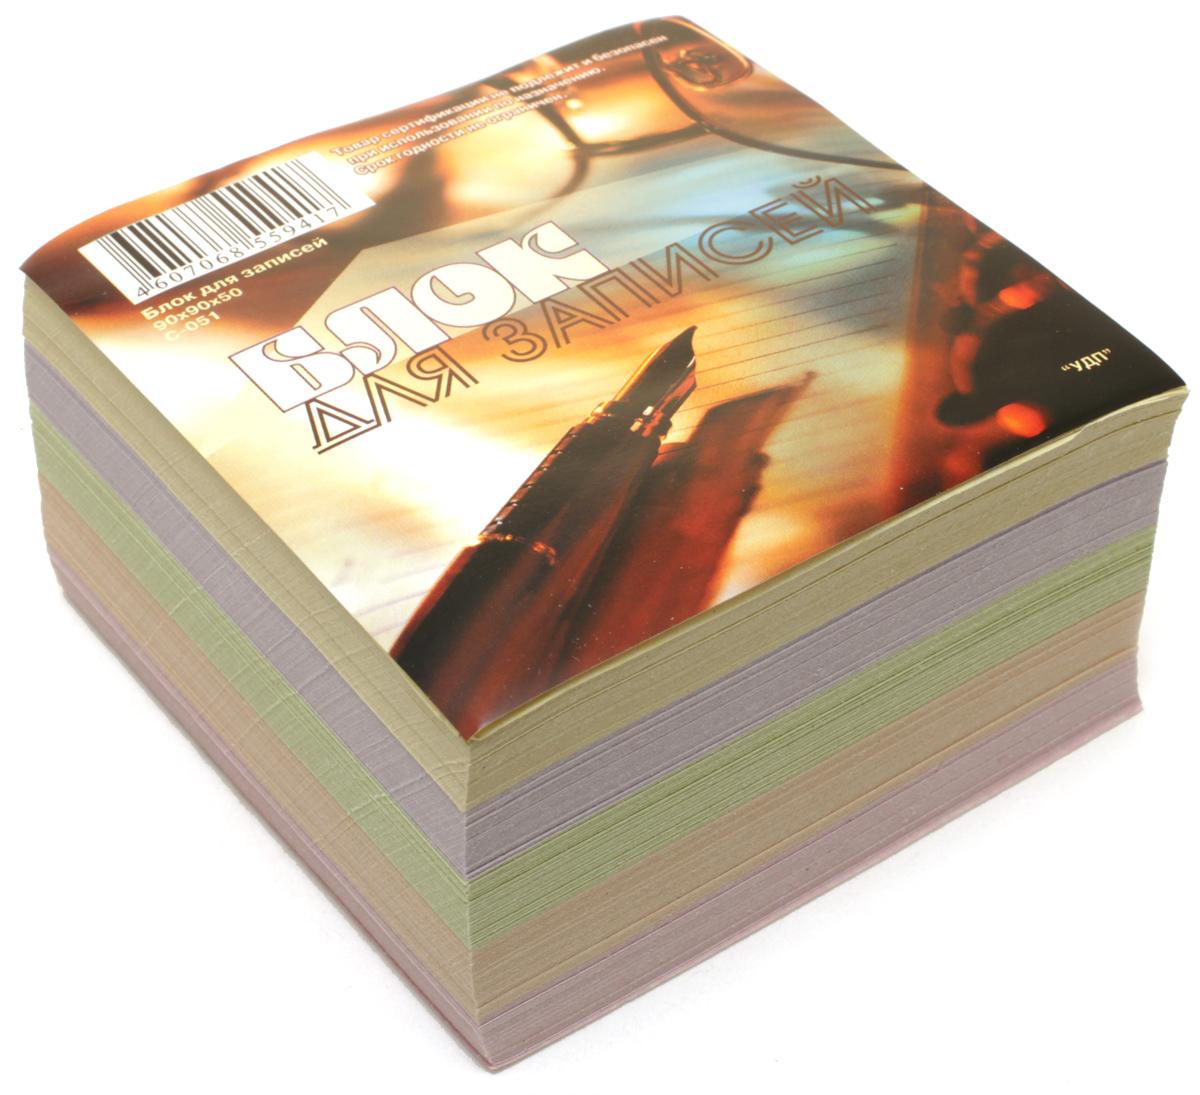 Ульяновский Дом печати Бумага для заметок цветная С-051С-051Бумага для заметок Ульяновский Дом печати - это удобное и практическое решение для быстрой записи информации дома или на работе.Блок состоит из листов бумаги пяти цветов и имеет размер 9 см х 9 см х 5 см.